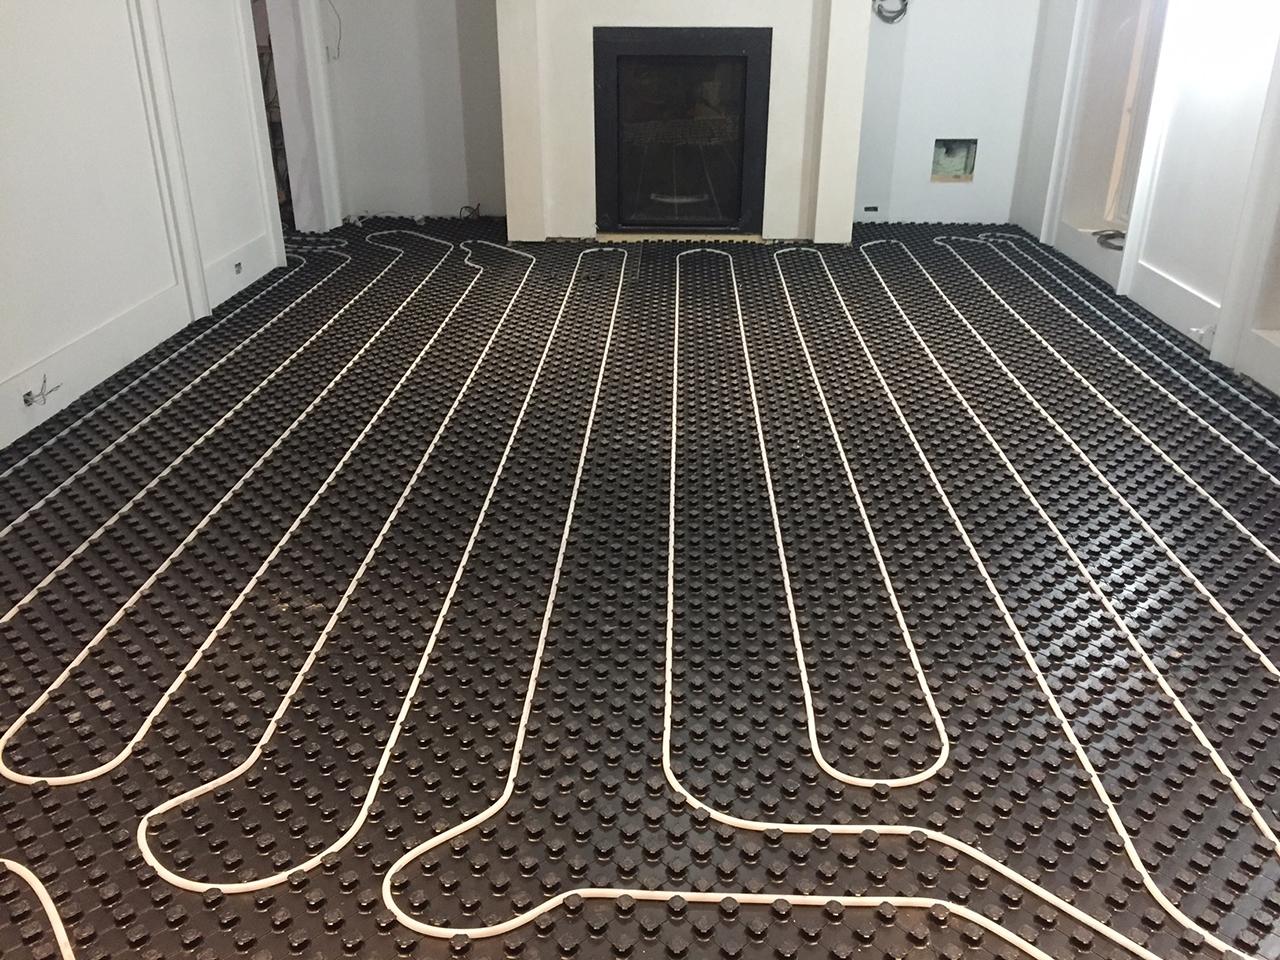 Installation de plancher chauffant à Les Côteaux - Plomberie M-G SERVICE inc. à Les Côteaux